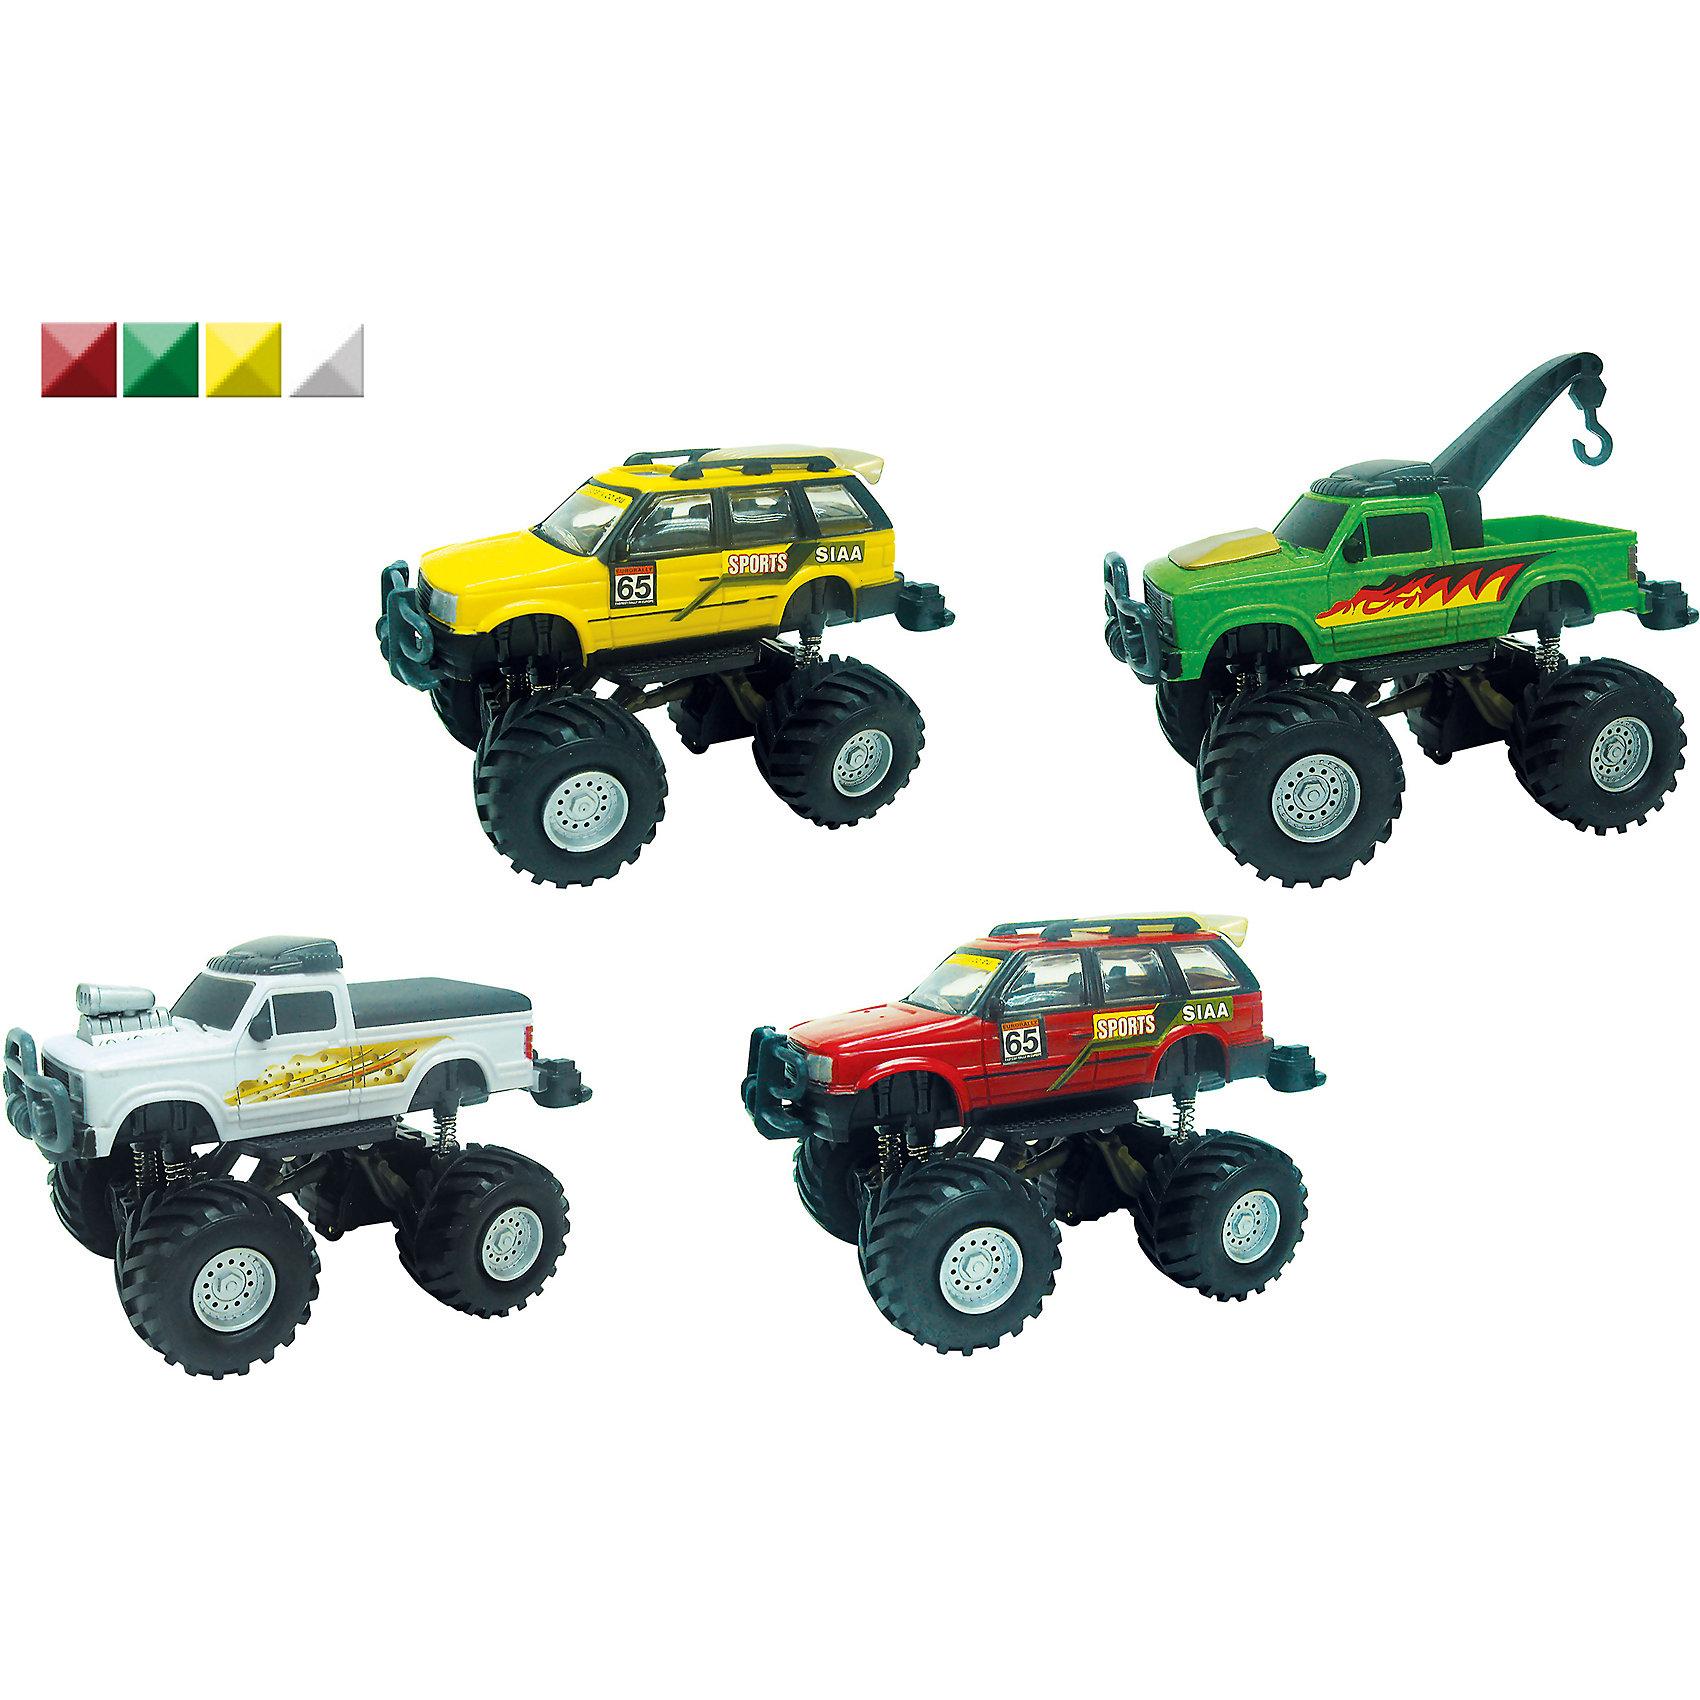 Металлическая машинка Monster Truck, 1:32, AutotimeМашинки<br>Металлическая машинка Monster Truck, 1:32, Autotime (Автотайм).<br><br>Характеристики:<br><br>• Масштаб 1:32<br>• Материал: металл, пластик<br>• Упаковка: картонная коробка блистерного типа<br>• ВНИМАНИЕ! Данный артикул представлен в различном цветовом исполнении. К сожалению, заранее выбрать определенный вариант невозможно. При заказе нескольких машинок возможно получение одинаковых<br><br>На дороге трудно найти машину, которая рискнет подрезать большой джип с яркой расцветкой и крутым принтом. Высокая подвеска возвышает Monster Truck над другими игрушечными автомобилями. Машинка обладает крупными колесами с протектором, которым не страшны любые неровности, встречающиеся на пути. Корпус машинки металлический с пластиковыми элементами. Этот внедорожник будет замечательным подарком, который обрадует любого мальчика.<br><br>Металлическую машинку Monster Truck, 1:32, Autotime (Автотайм) можно купить в нашем интернет-магазине.<br><br>Ширина мм: 350<br>Глубина мм: 120<br>Высота мм: 158<br>Вес г: 288<br>Возраст от месяцев: 36<br>Возраст до месяцев: 2147483647<br>Пол: Мужской<br>Возраст: Детский<br>SKU: 5583852